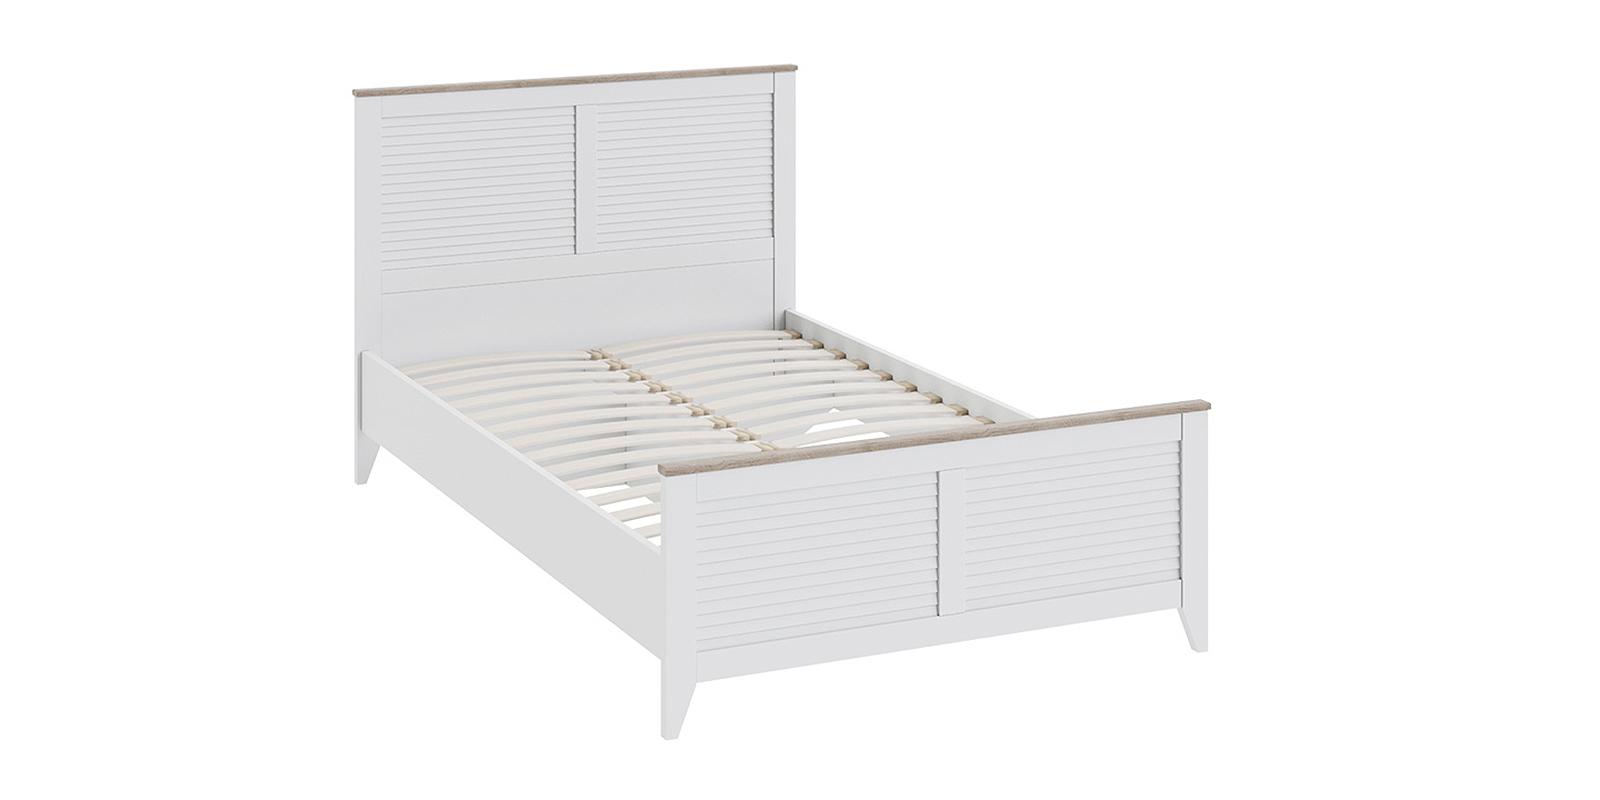 Кровать односпальная Мерида без подъемного механизма (дуб бежевый/белый)